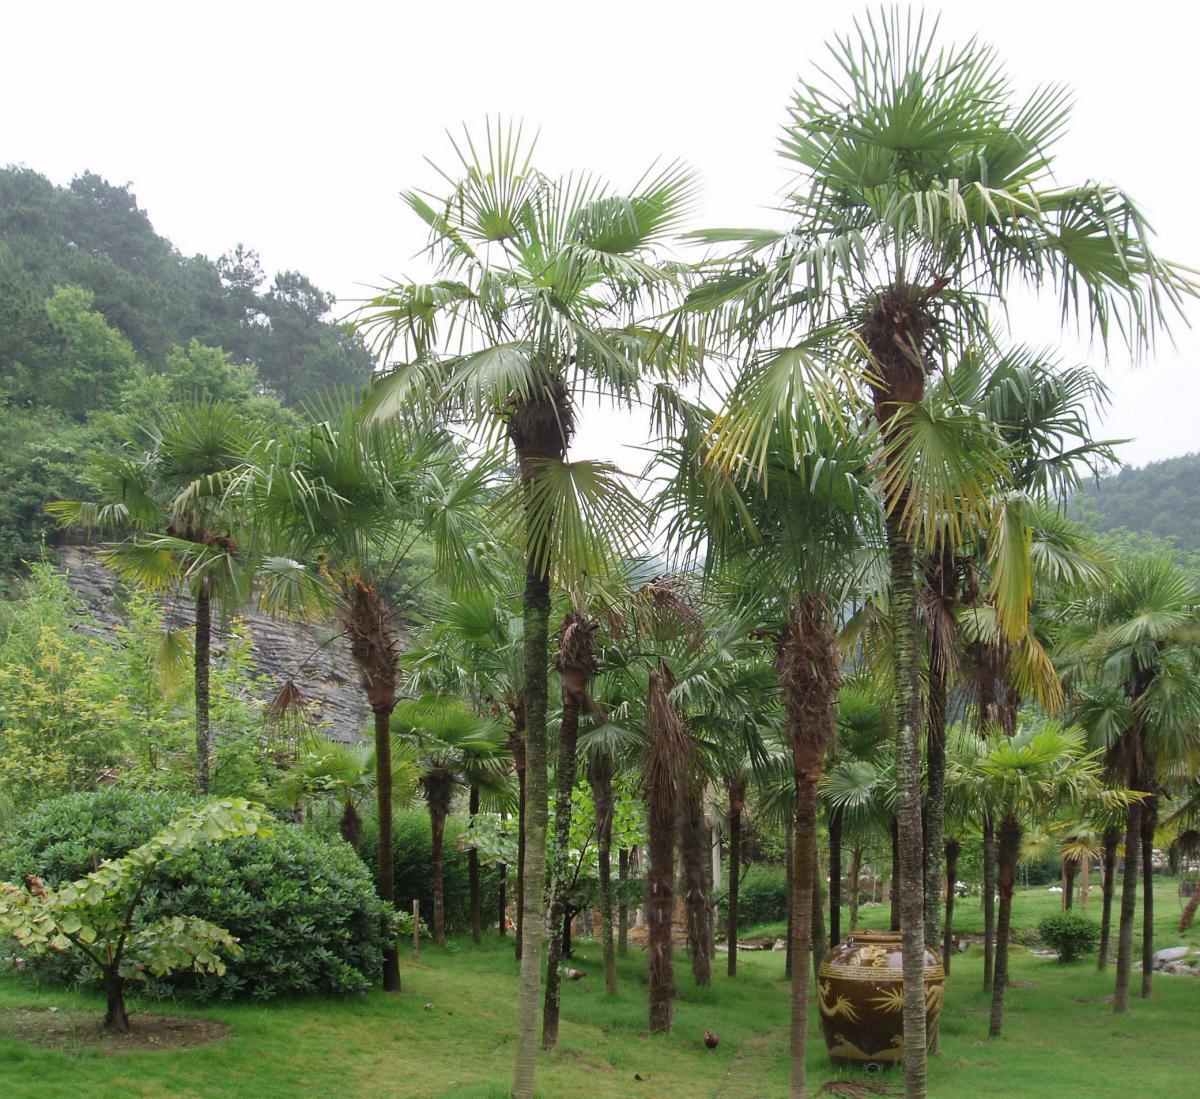 Vista del Trachycarpus fortunei